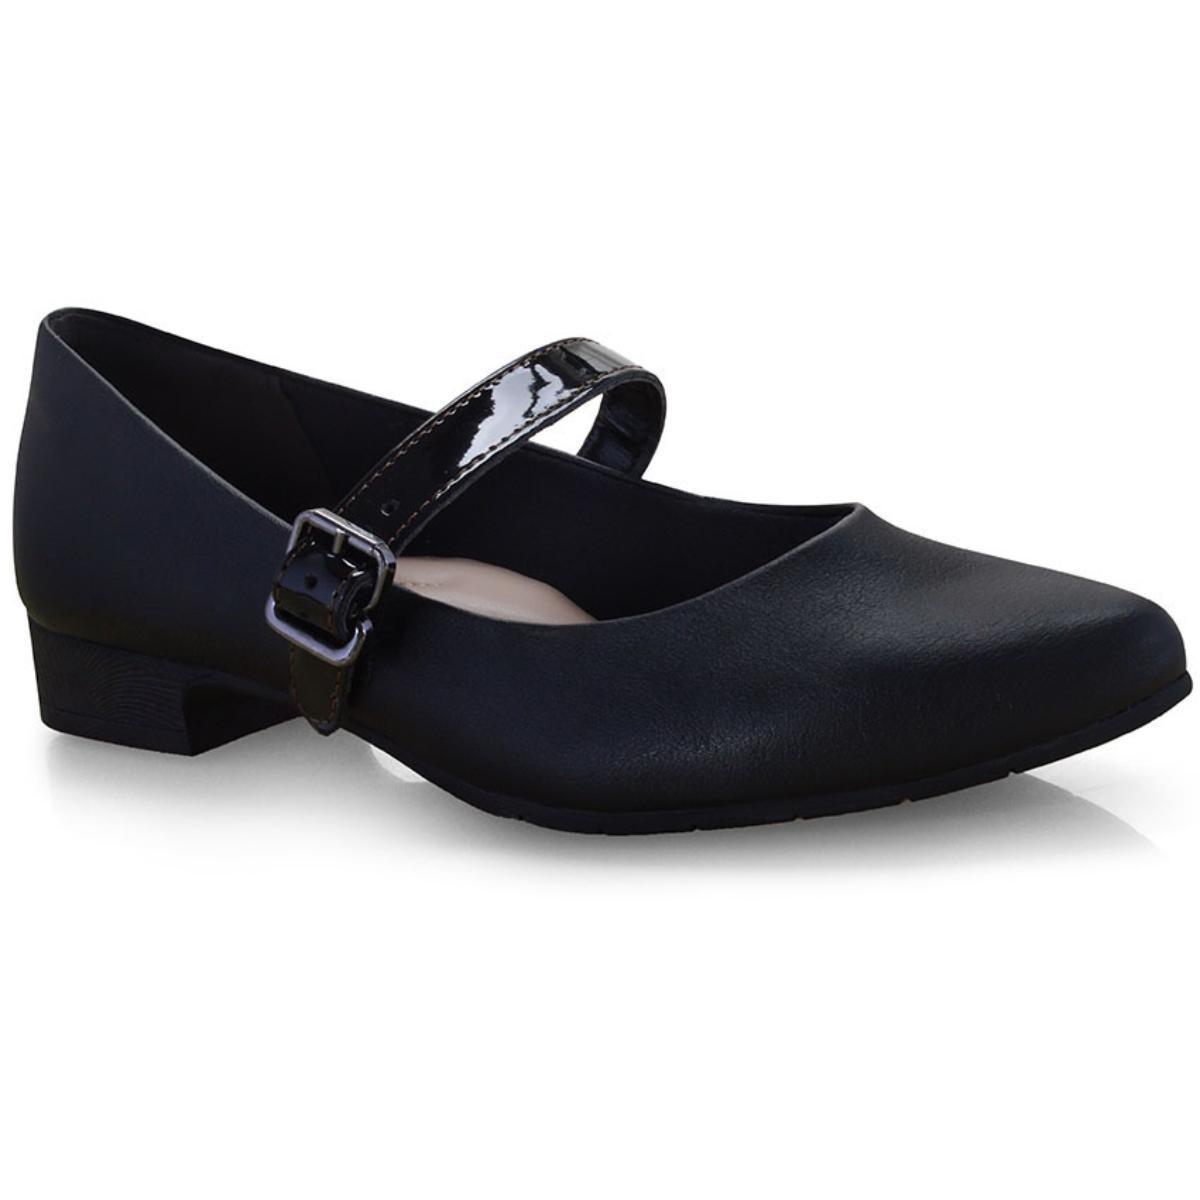 Sapato Feminino Campesi L6523 Preto